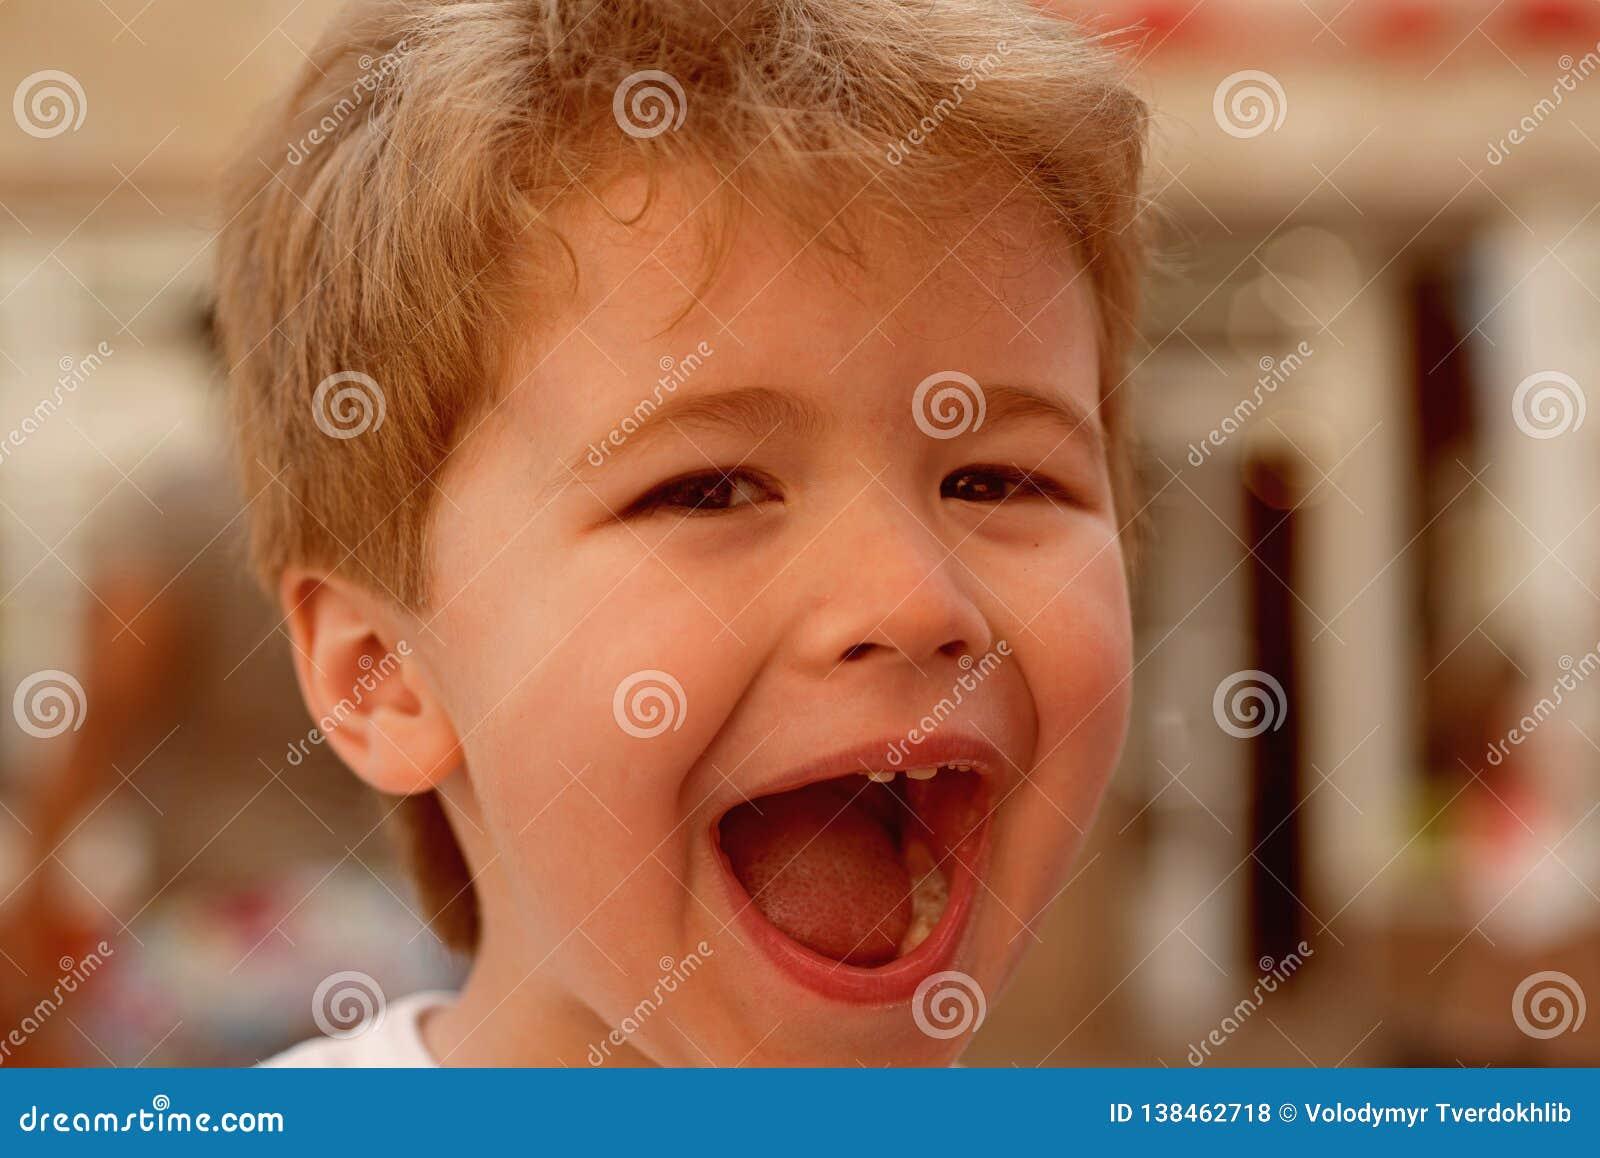 这是惊人的 有时髦的理发的小孩 有短的理发的小孩 有金发的小男孩 健康